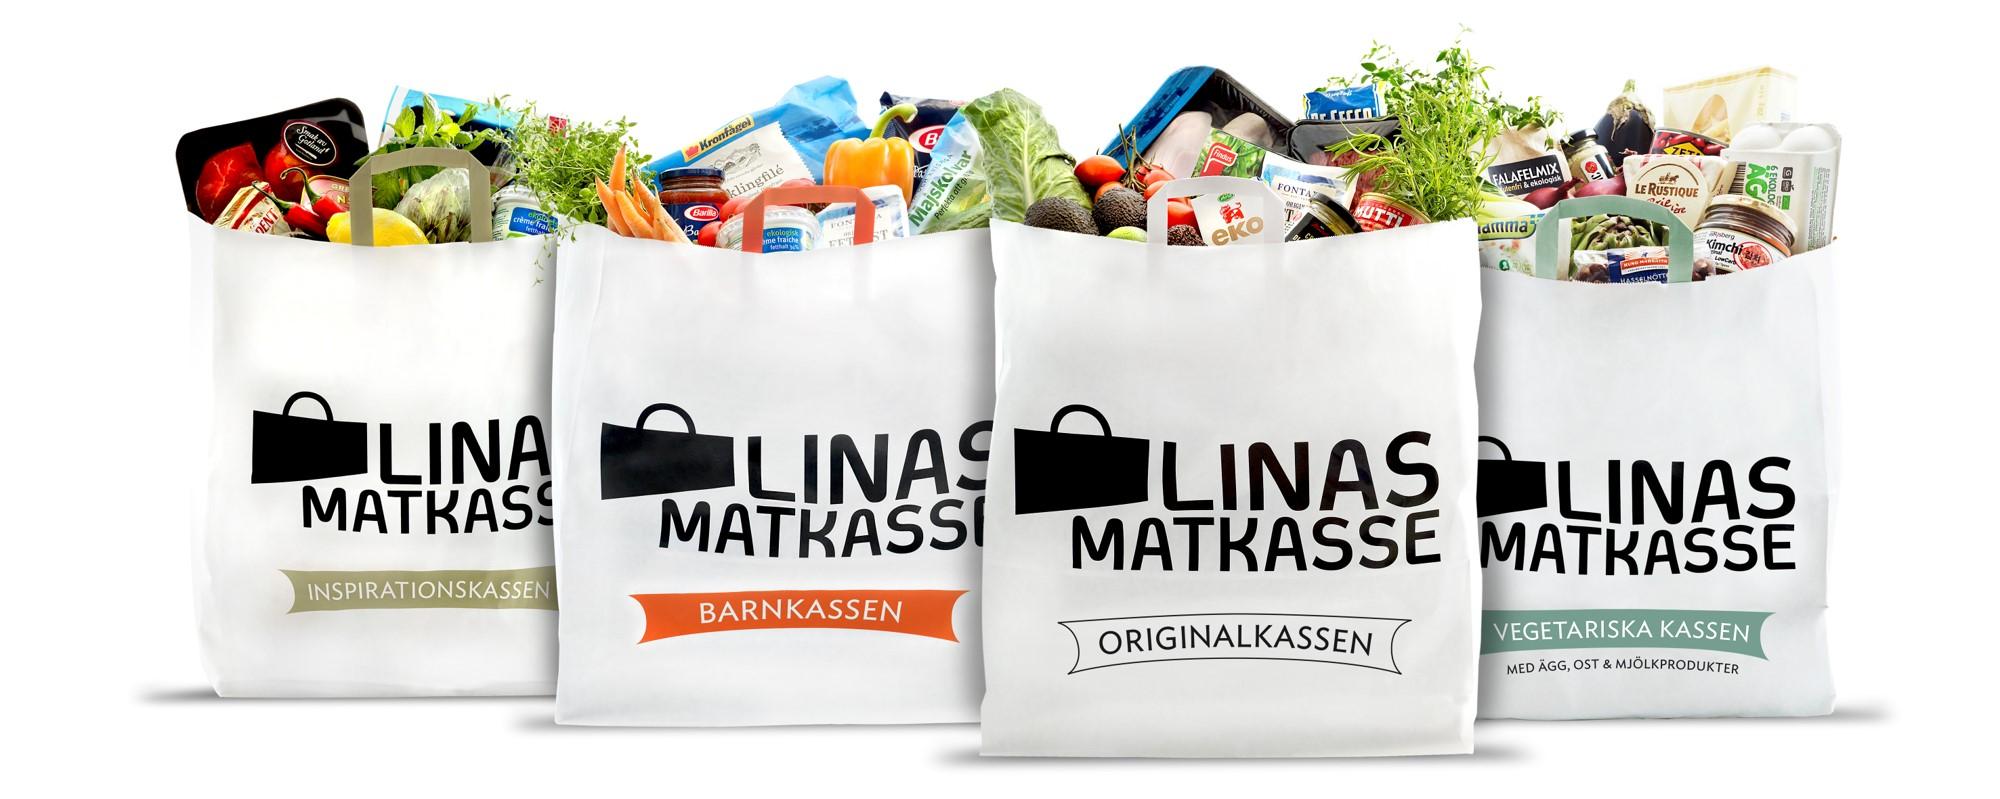 식재료 키트와 요리법을 판매하는 Linas Matkasse는 요리의 즐거움을 전파하며 식품 산업을 변화시키고 있다. ©Linas Matkasse